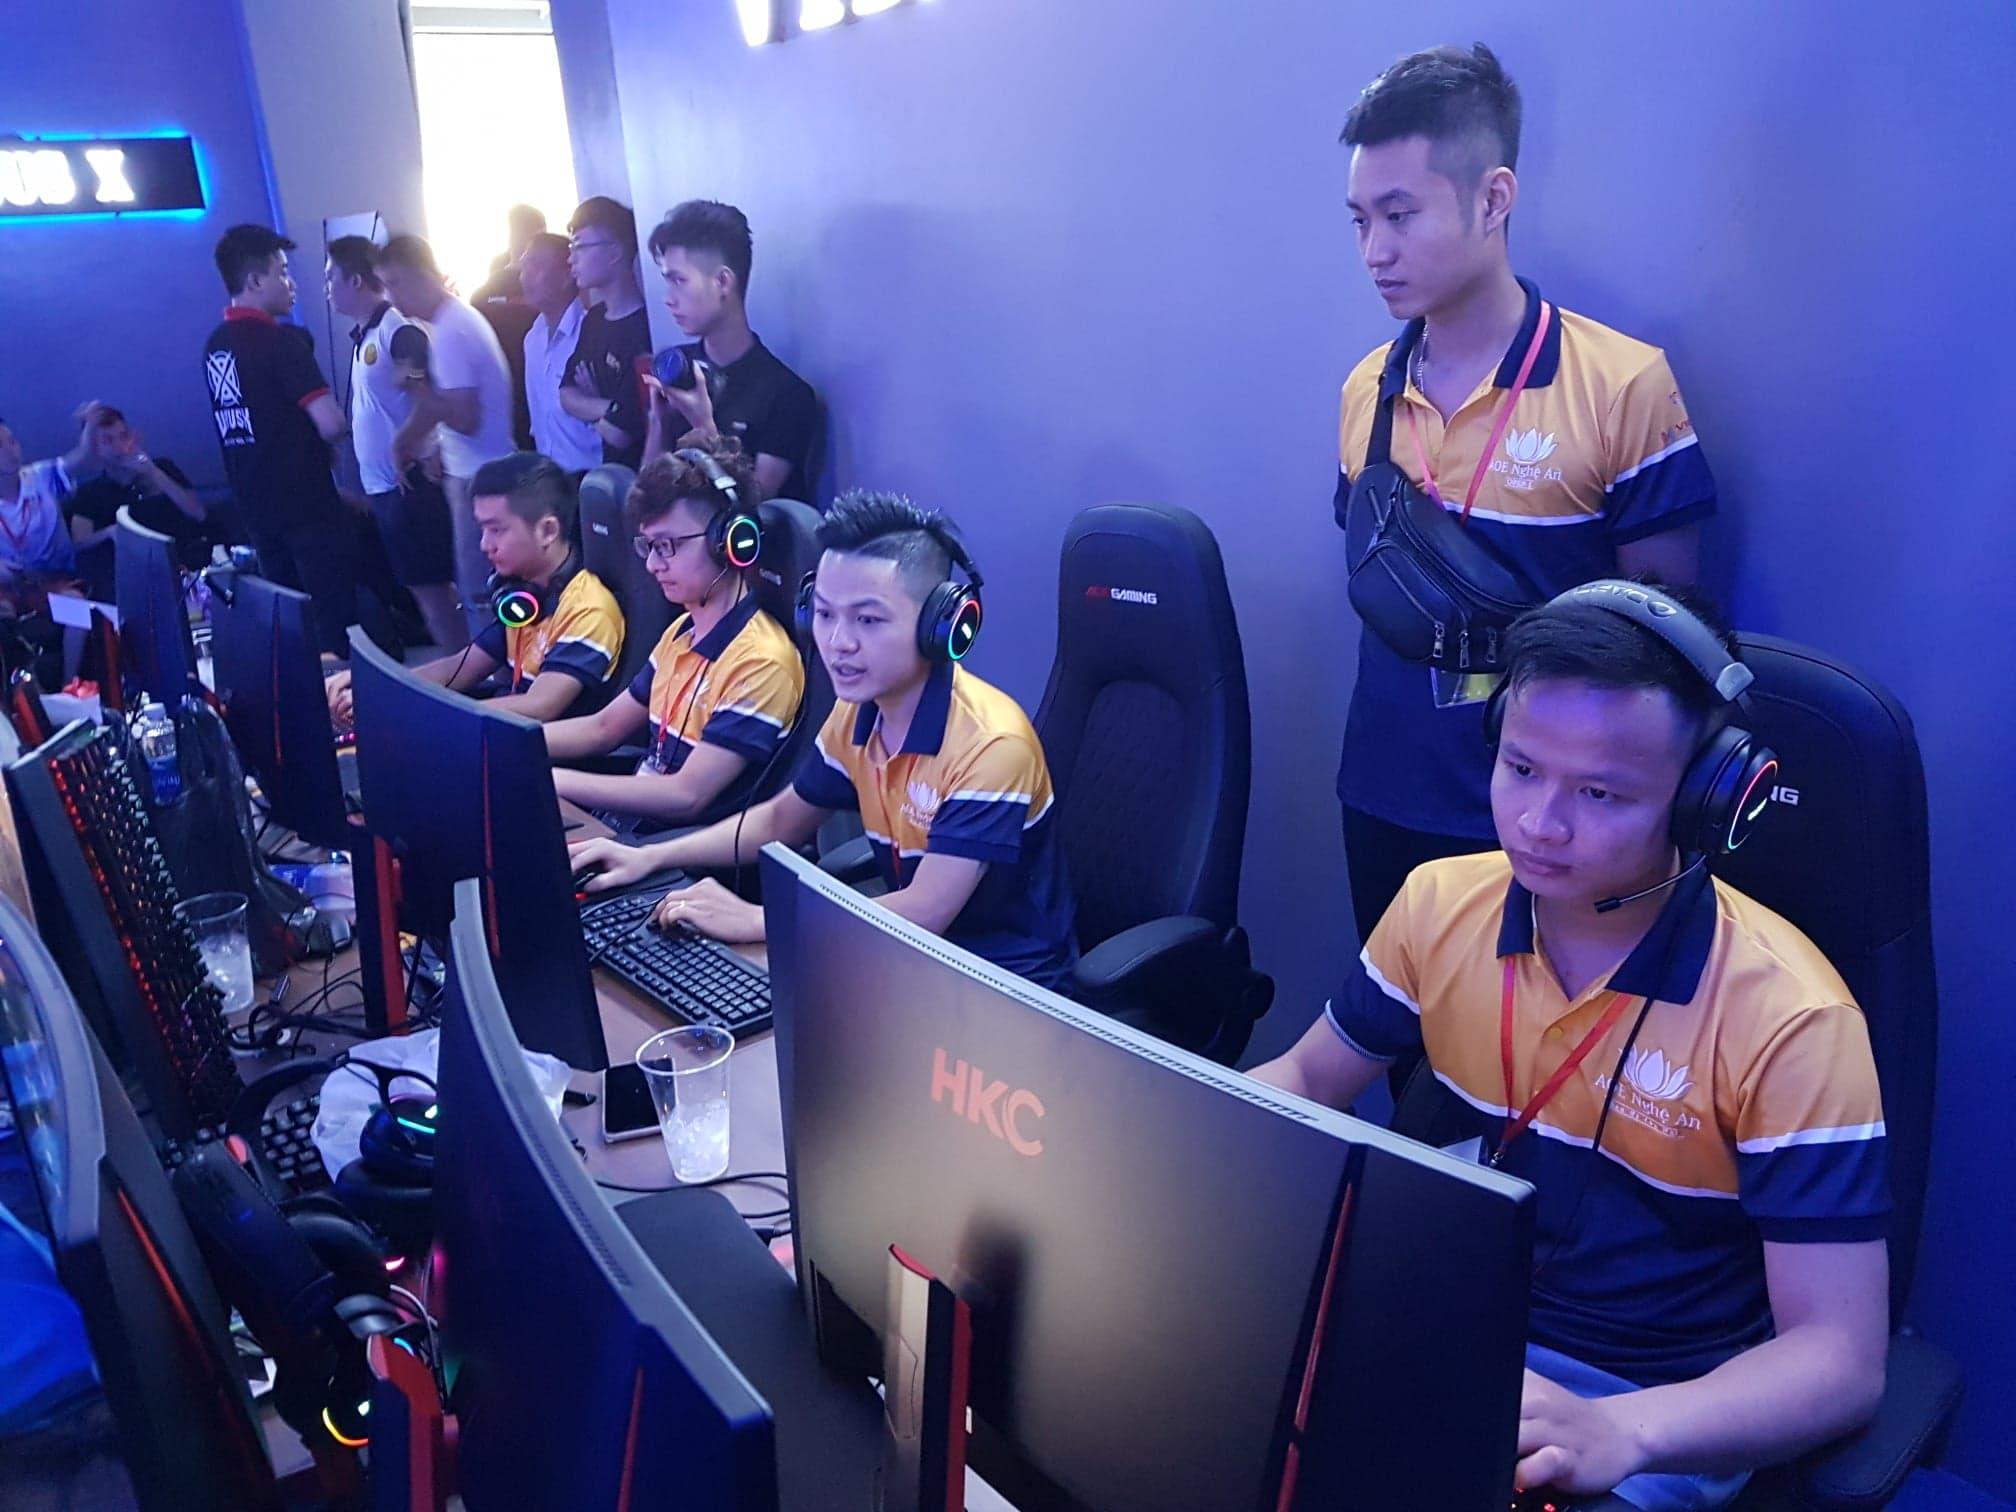 AoE Nghệ An có một mùa giải không thành công dù được thi đấu ngay tại quê hương